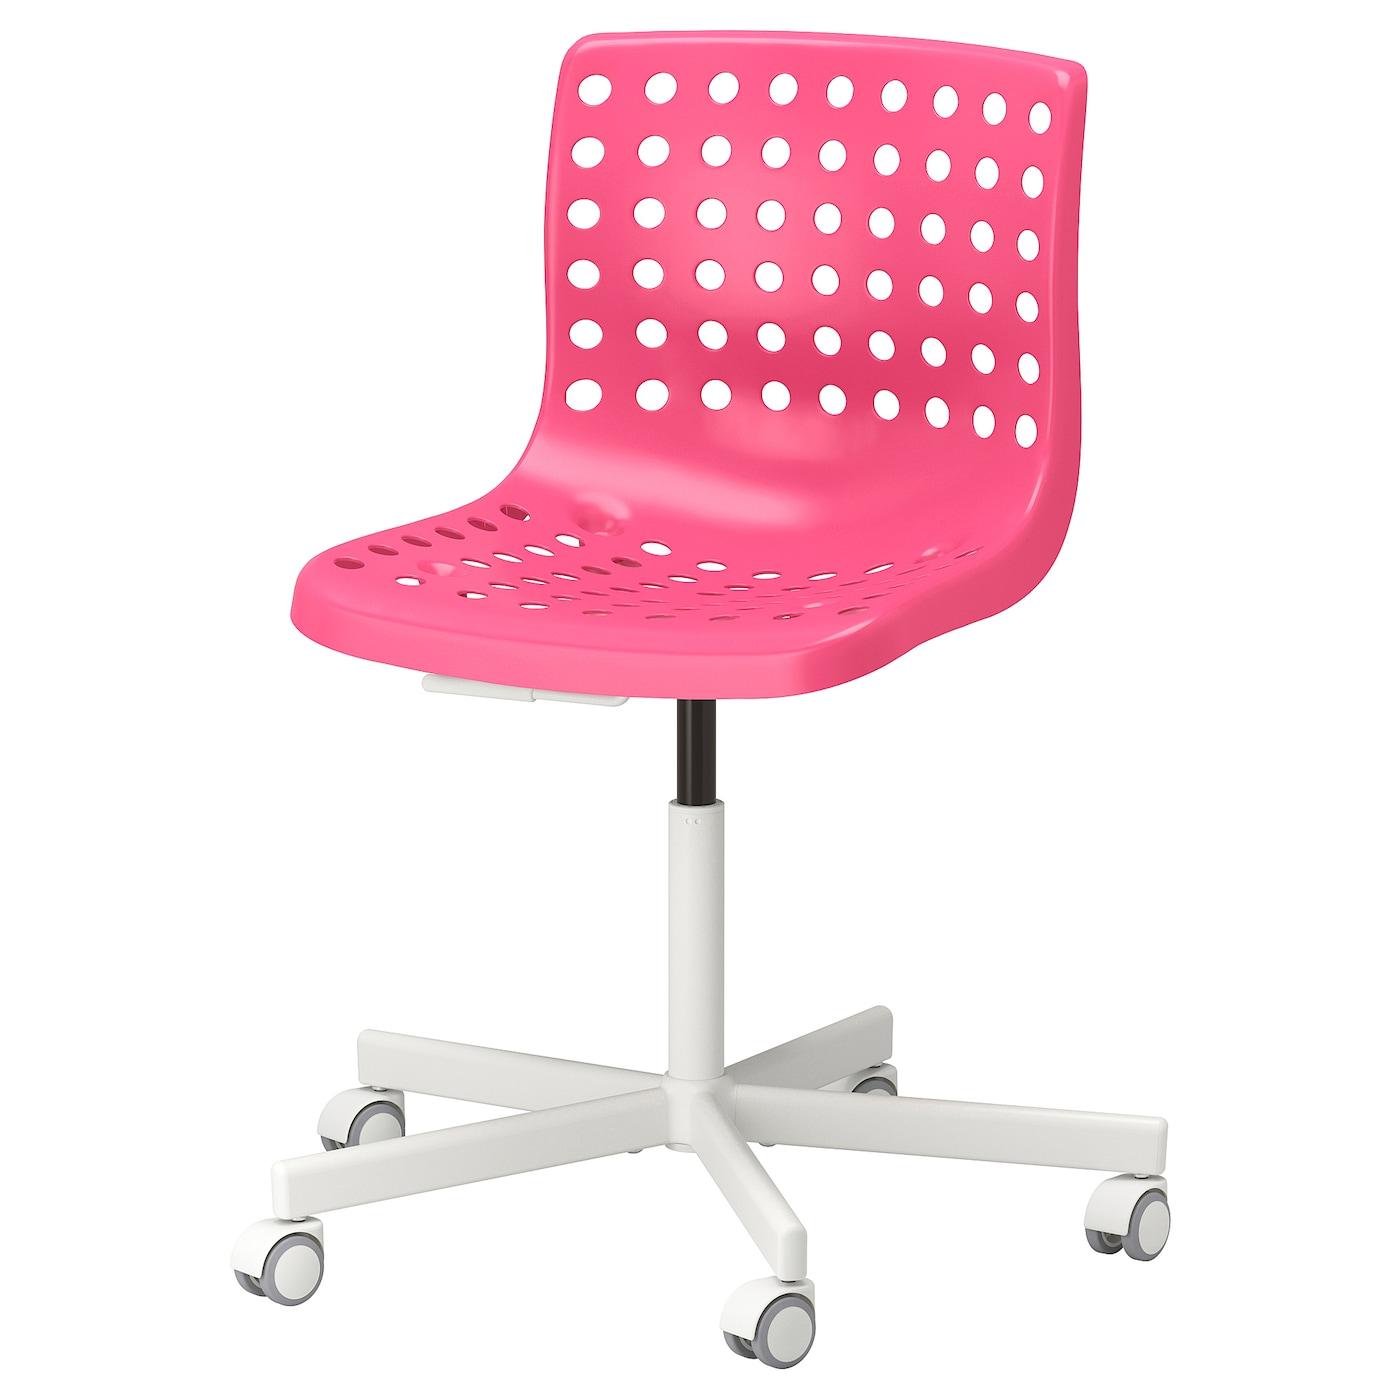 Skalberg Sporren Swivel Chair Pink White Ikea